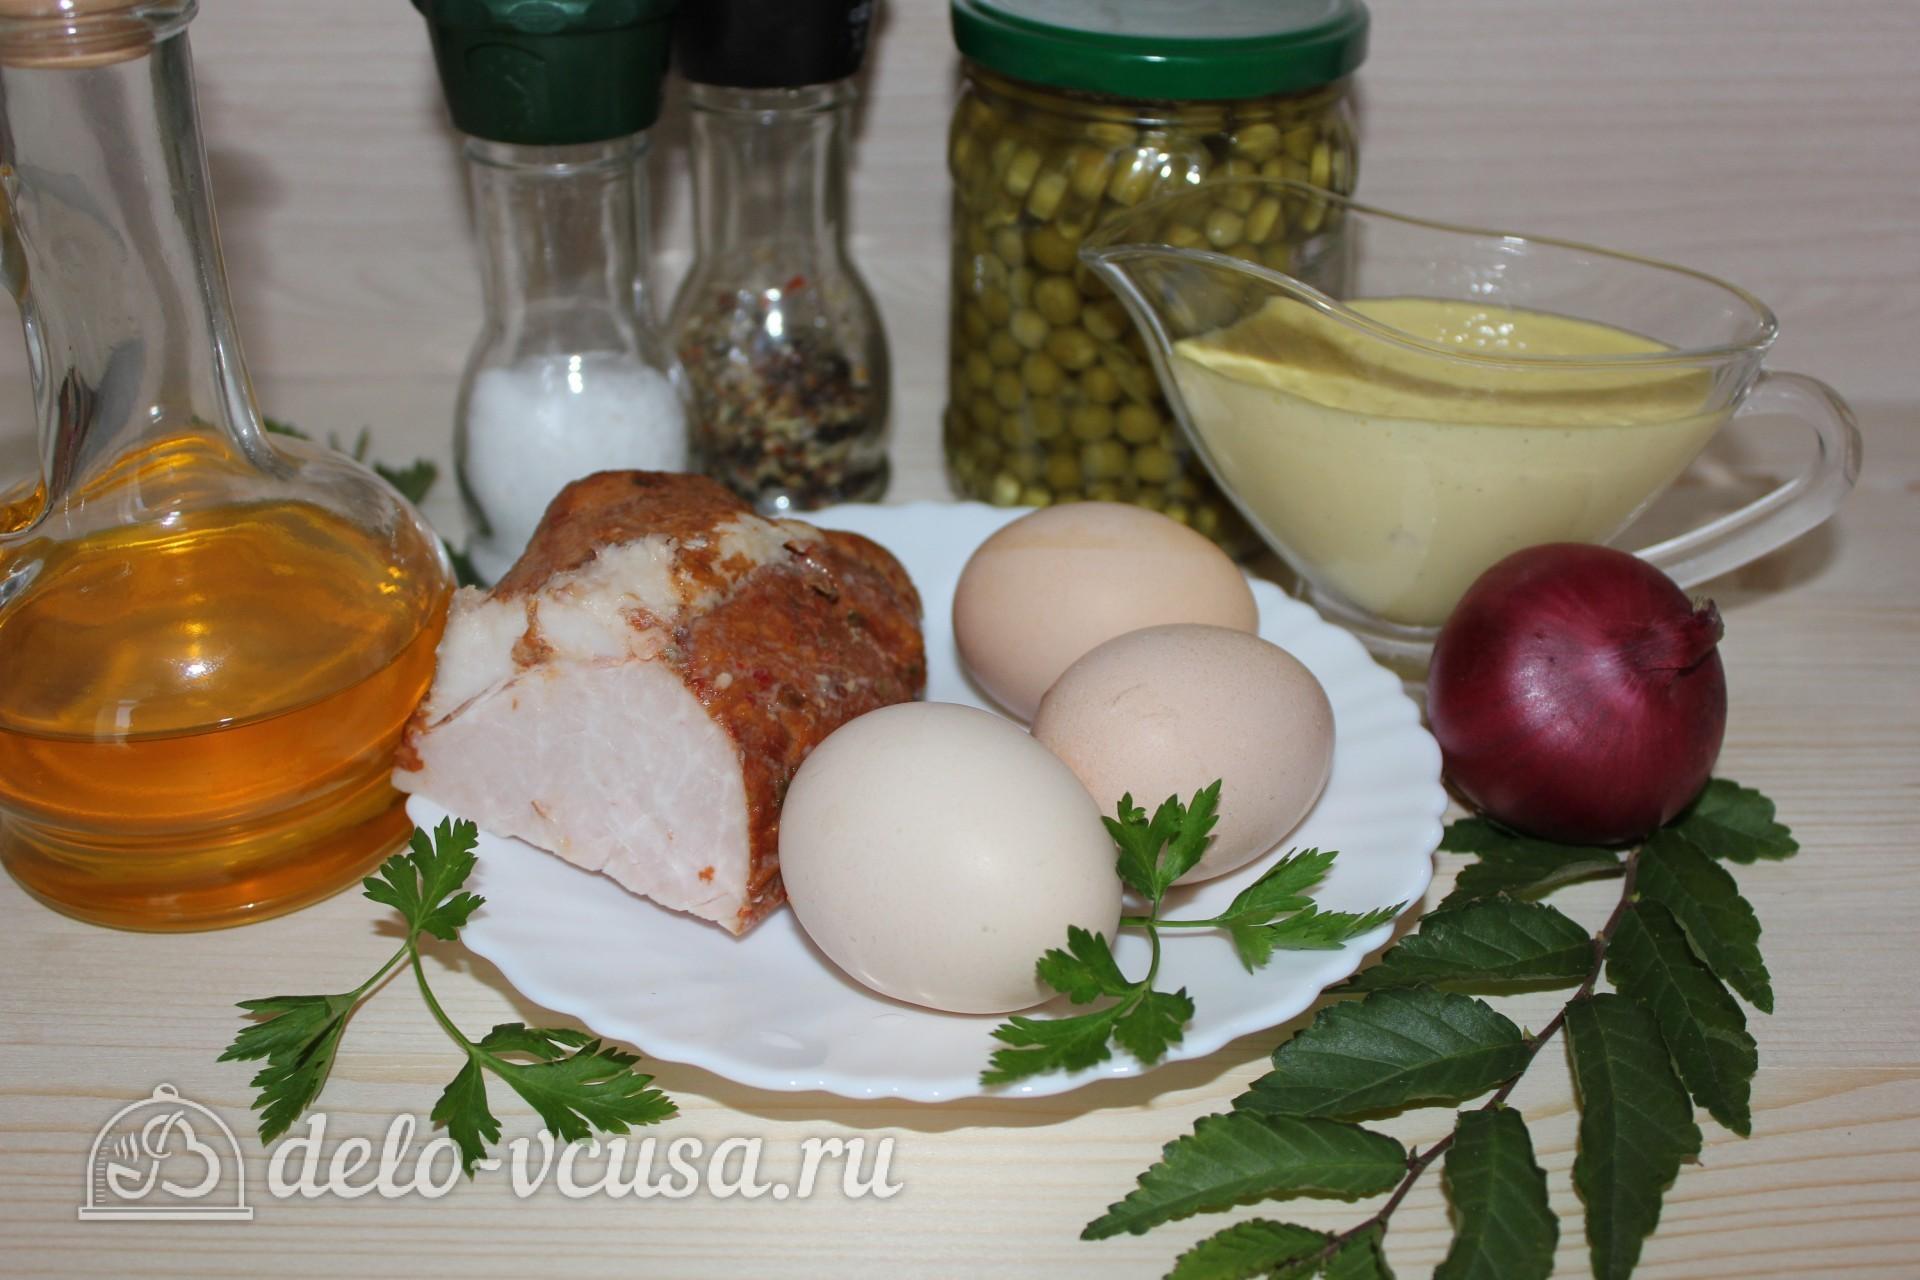 Салат с копченым мясом и горошком: Ингредиенты